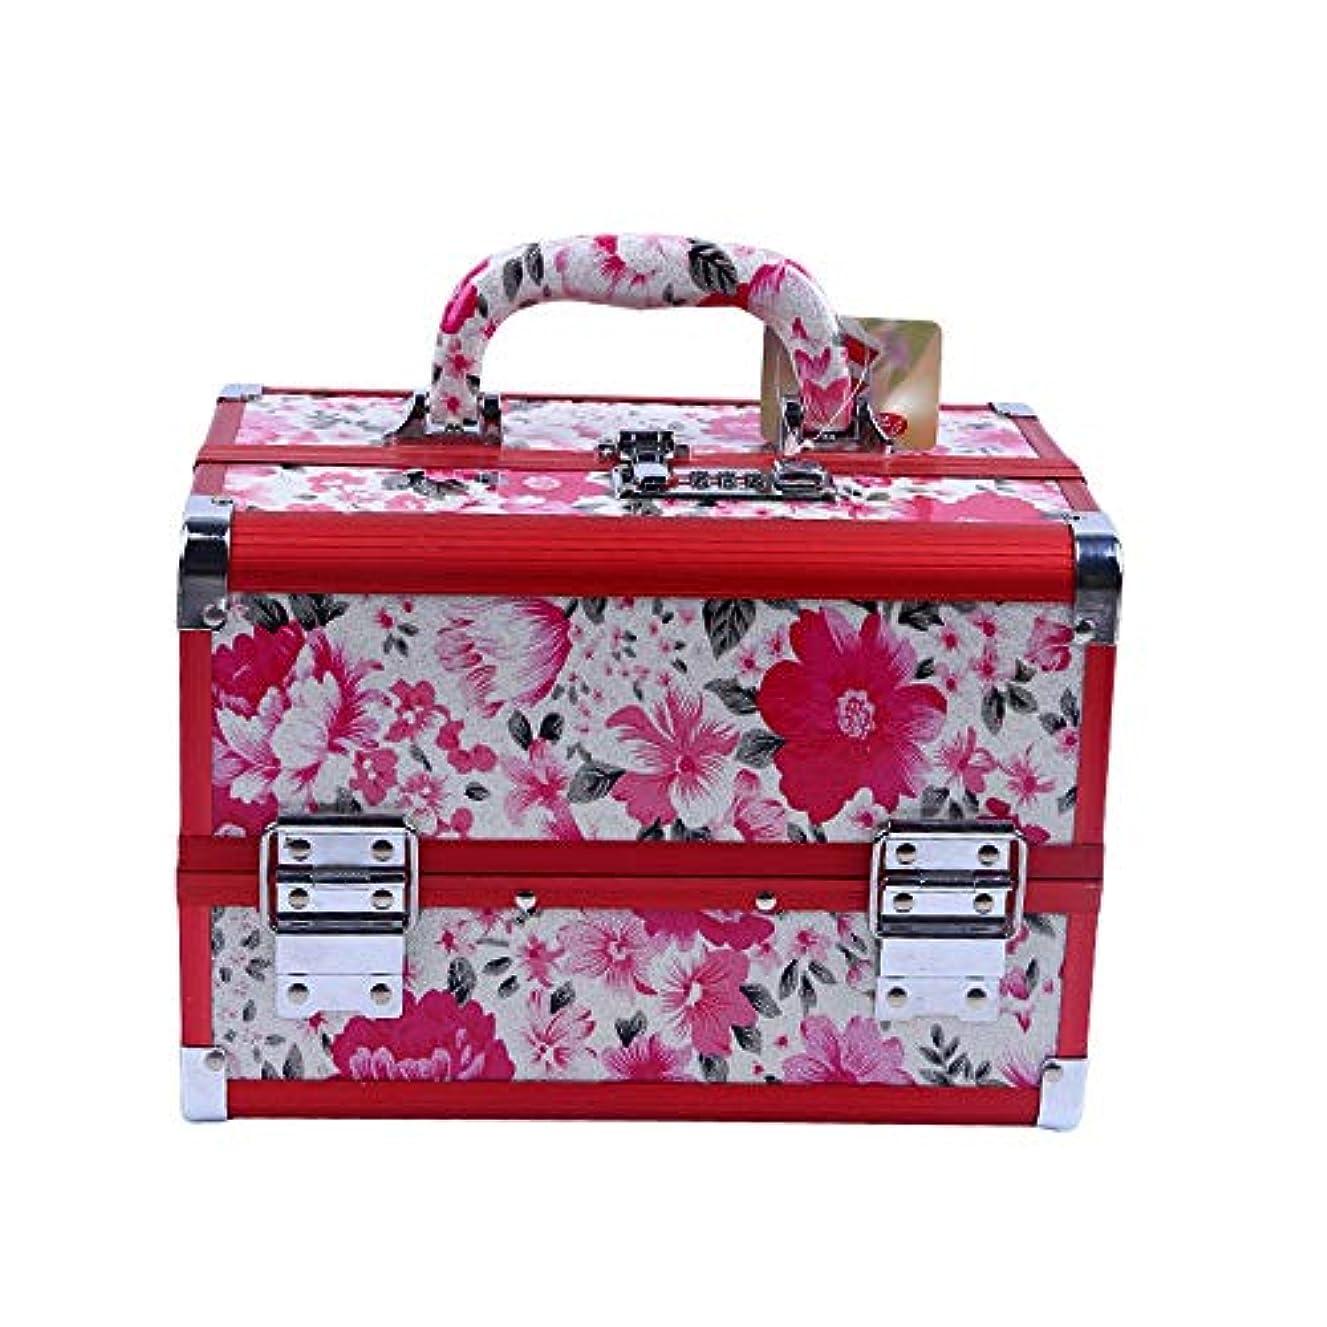 積分ワゴン側化粧オーガナイザーバッグ 花のパターンポータブル化粧品ケース美容メイクアップと女の子の女性の旅行と毎日のストレージロック付きトレイ付き 化粧品ケース